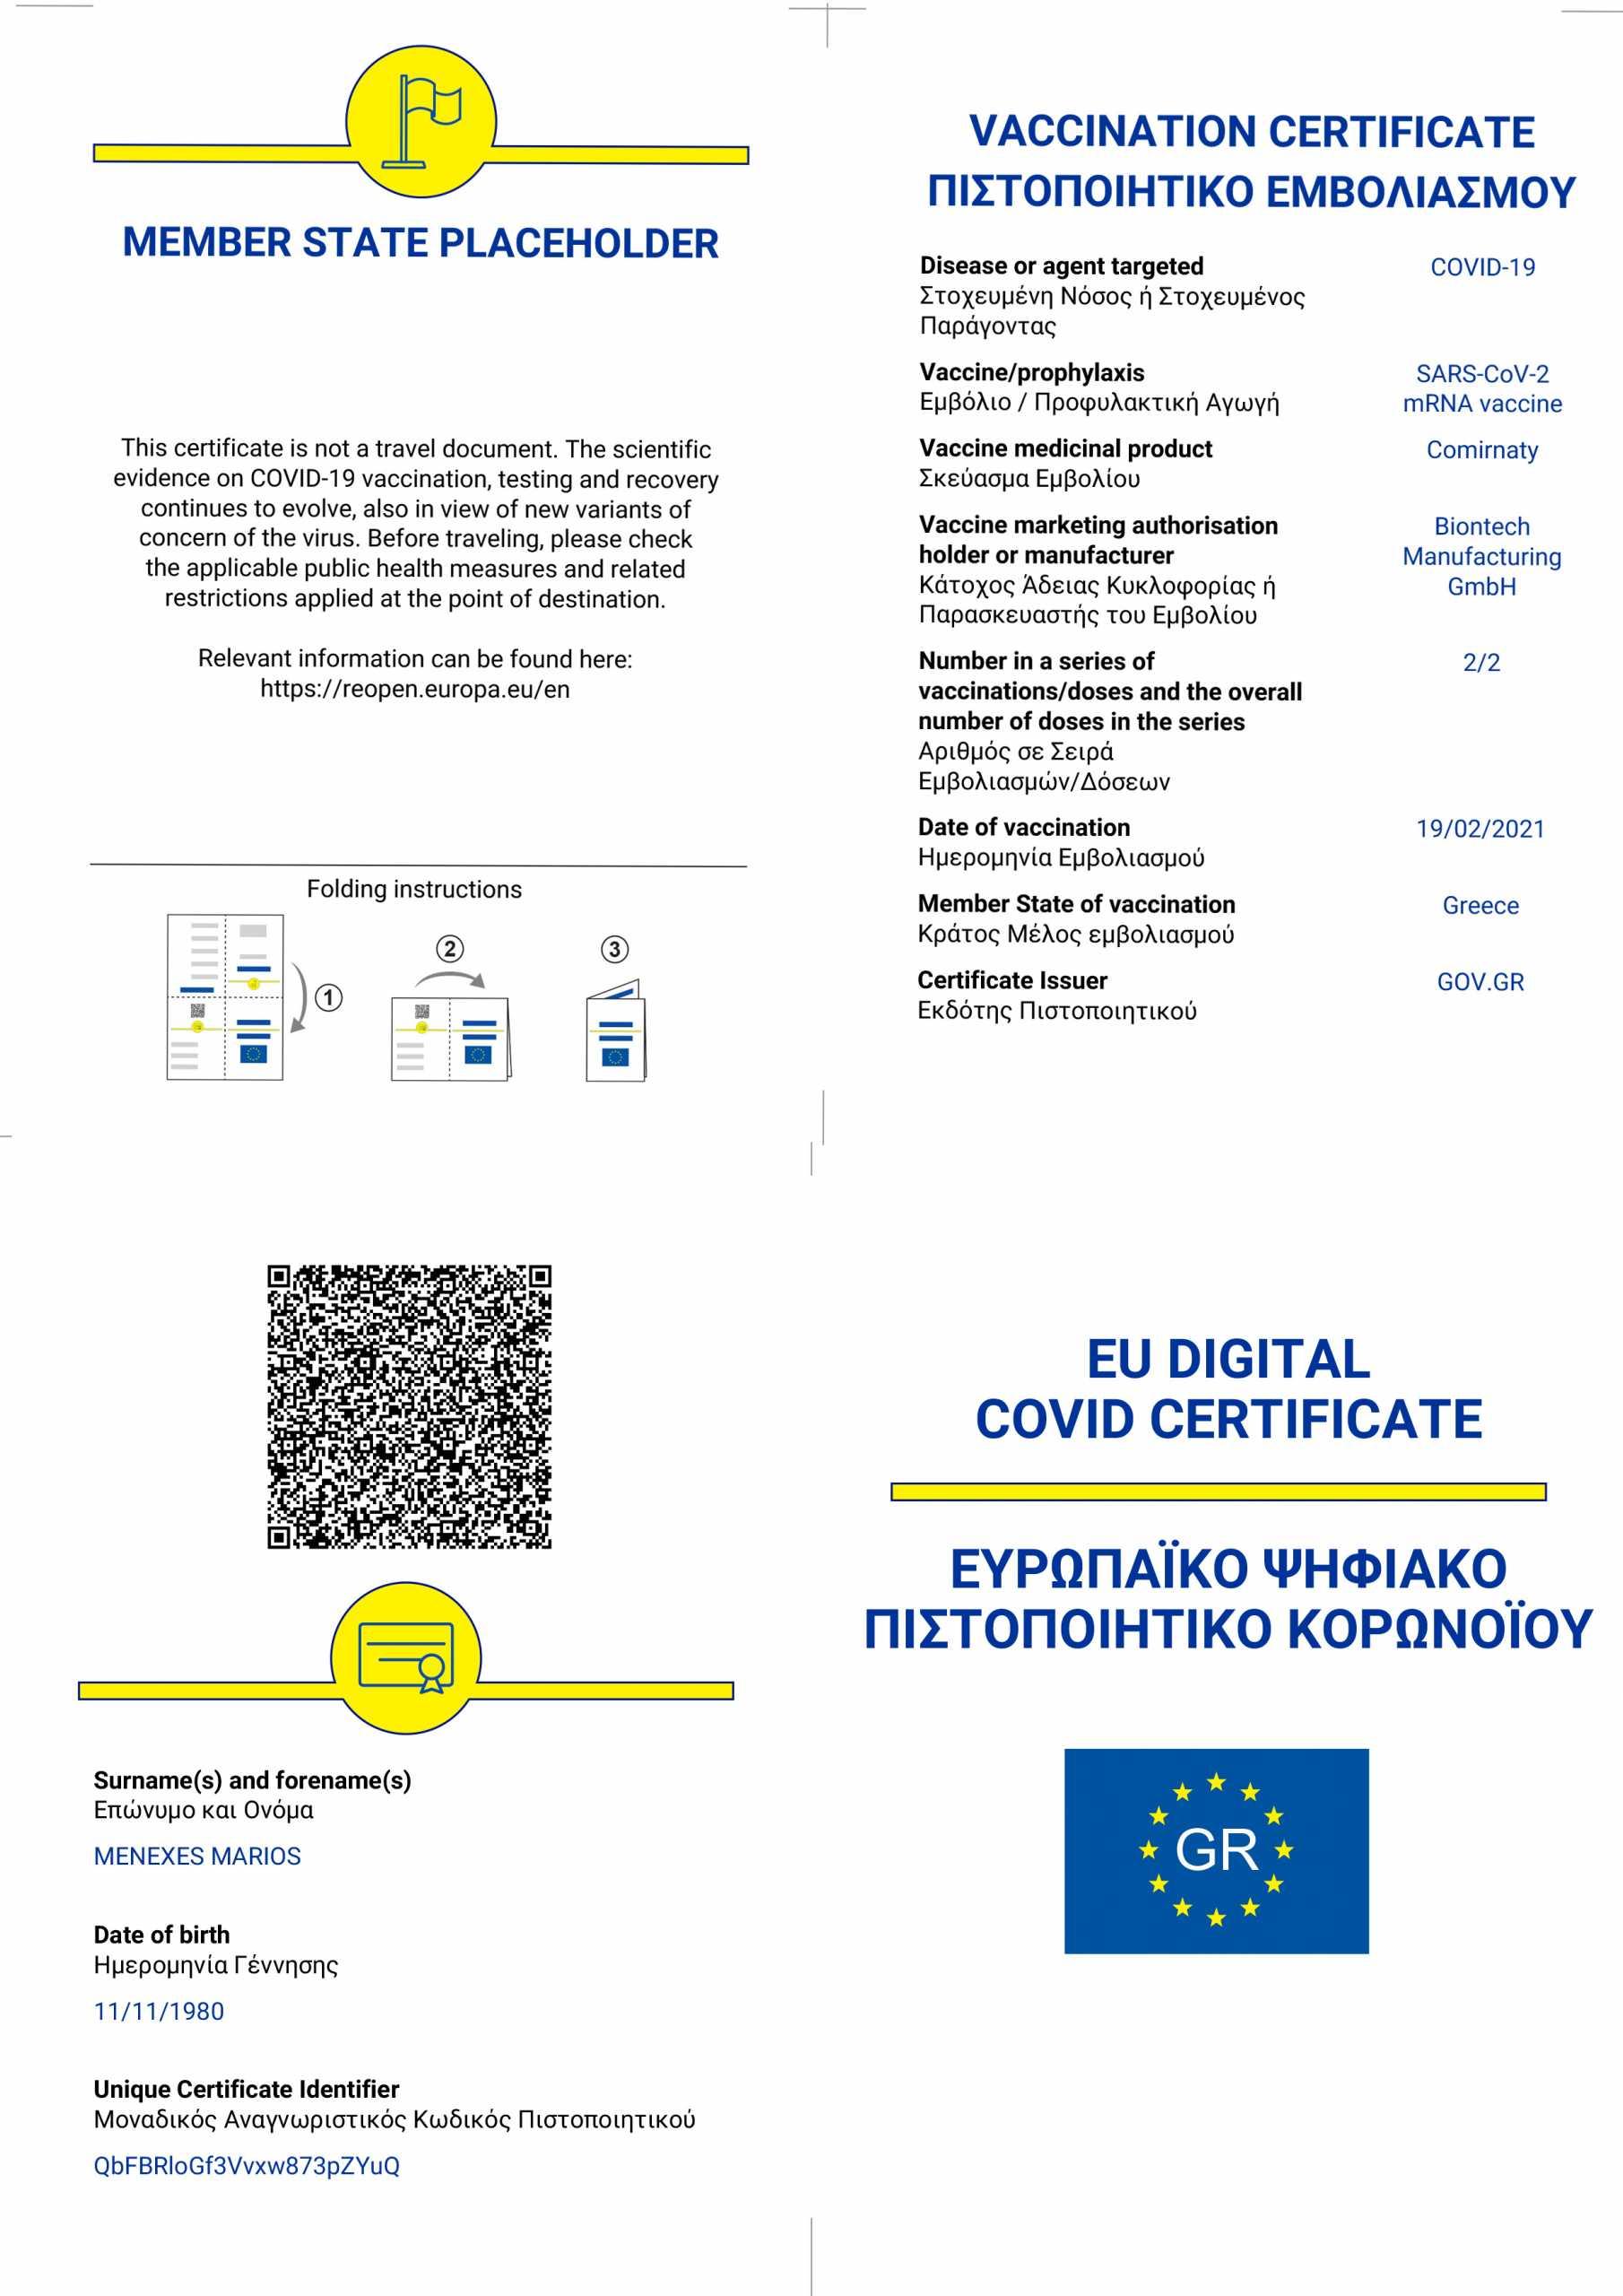 Ψηφιακό Πιστοποιητικό: Άνοιξε η πλατφόρμα – Όλα τα βήματα